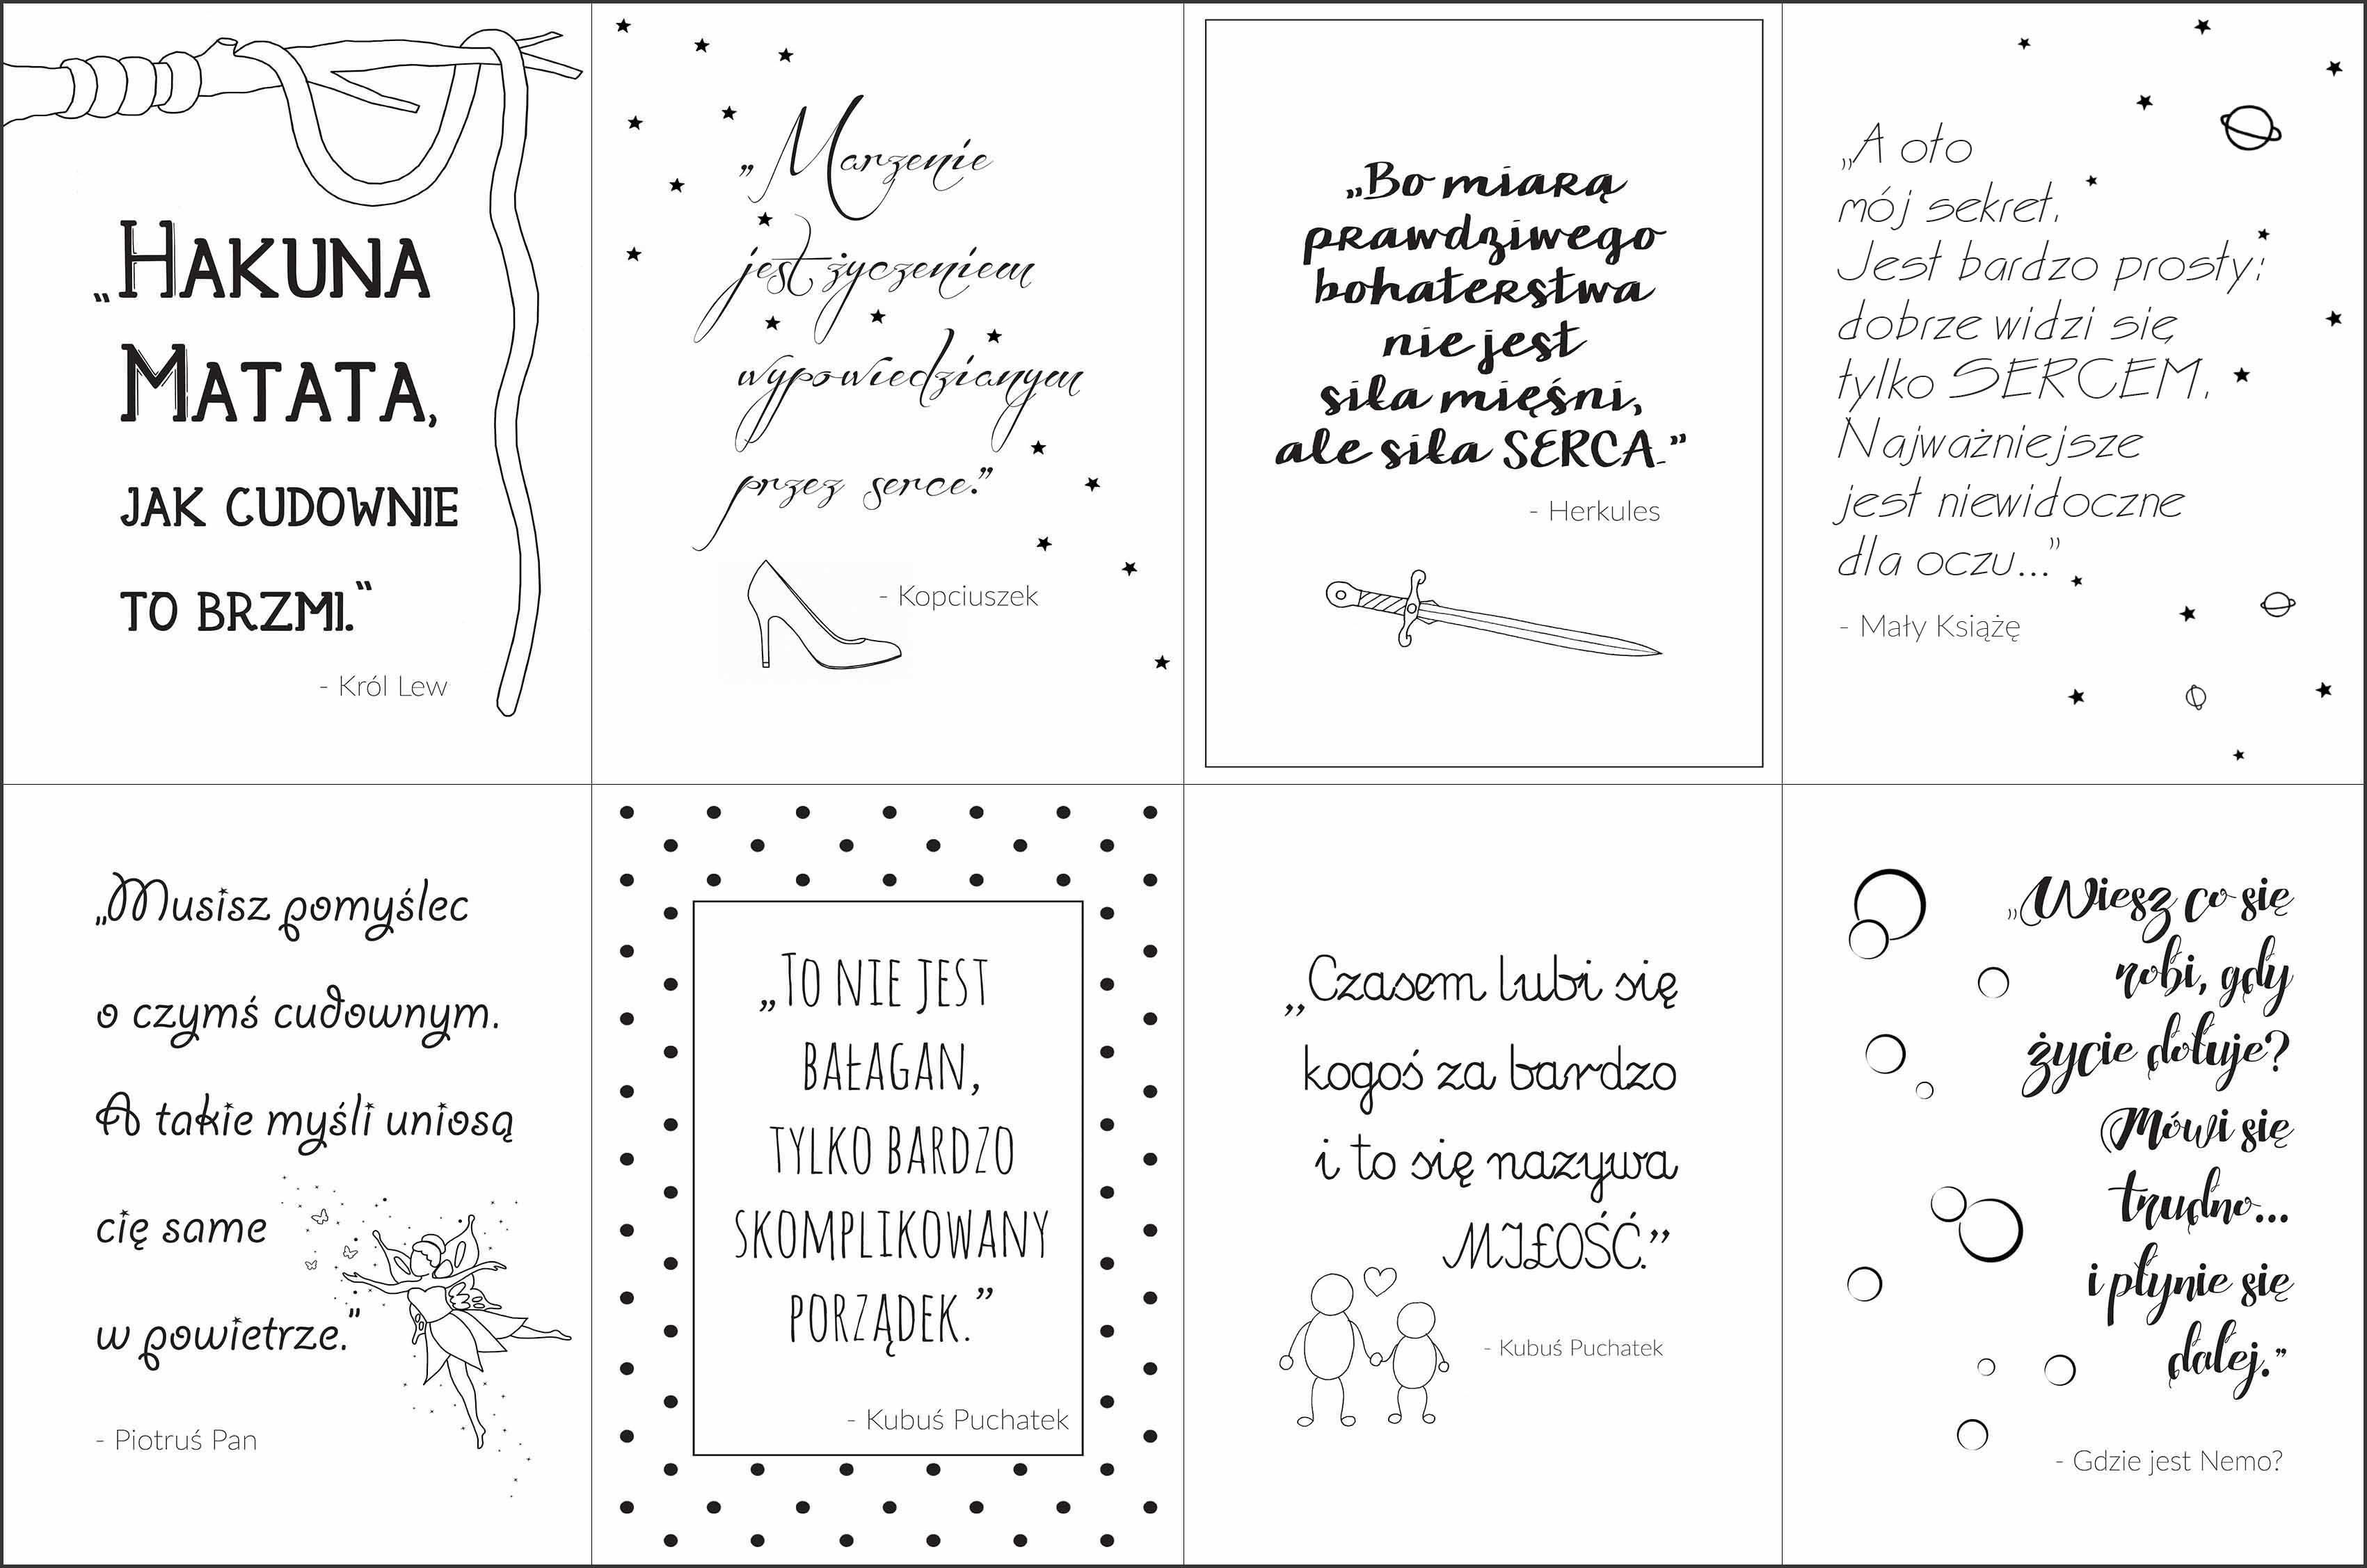 Plakaty Z Cytatami Z Bajek Do Druku Archistacja